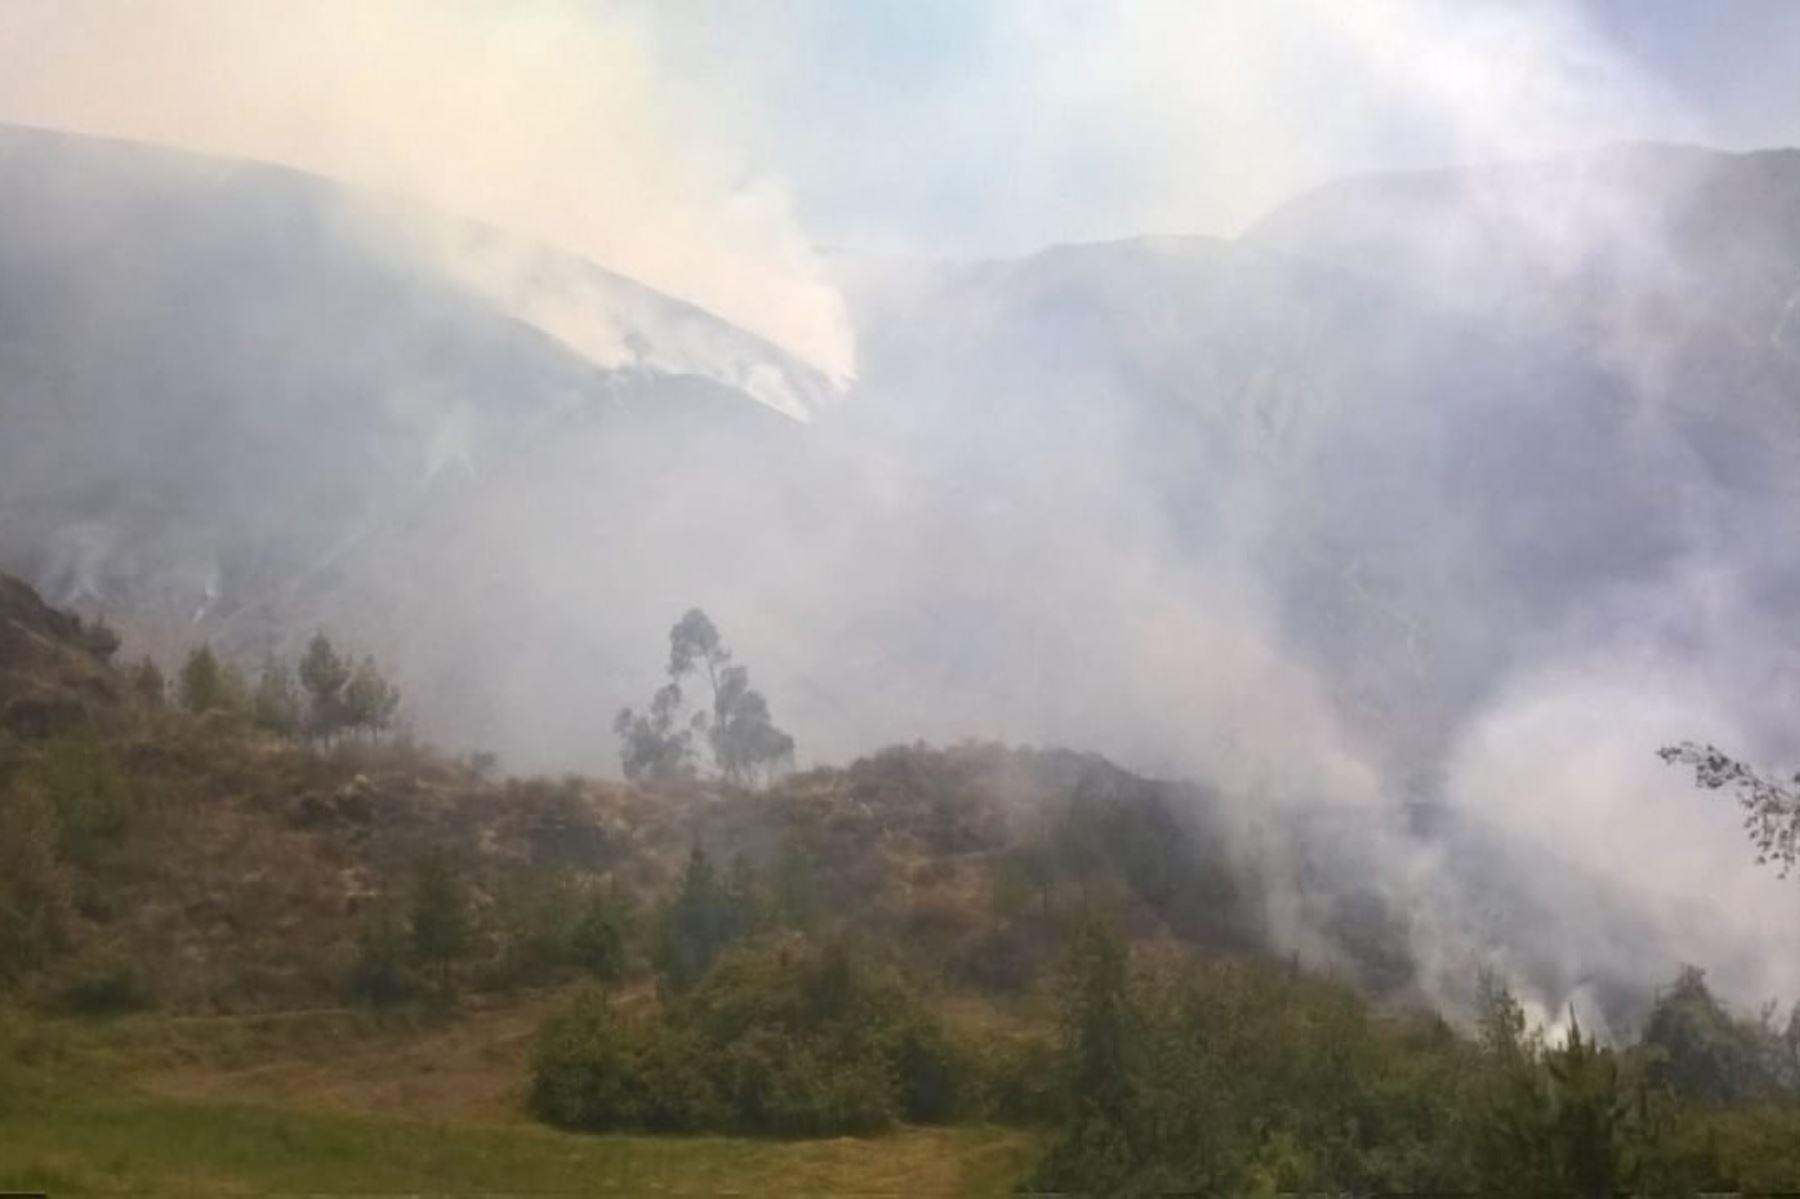 El Centro de Operaciones de Emergencia Regional (COER) Áncash informó que se han reportado 52 incendios en lo que va del año. Foto: ANDINA/Gonzalo Horna